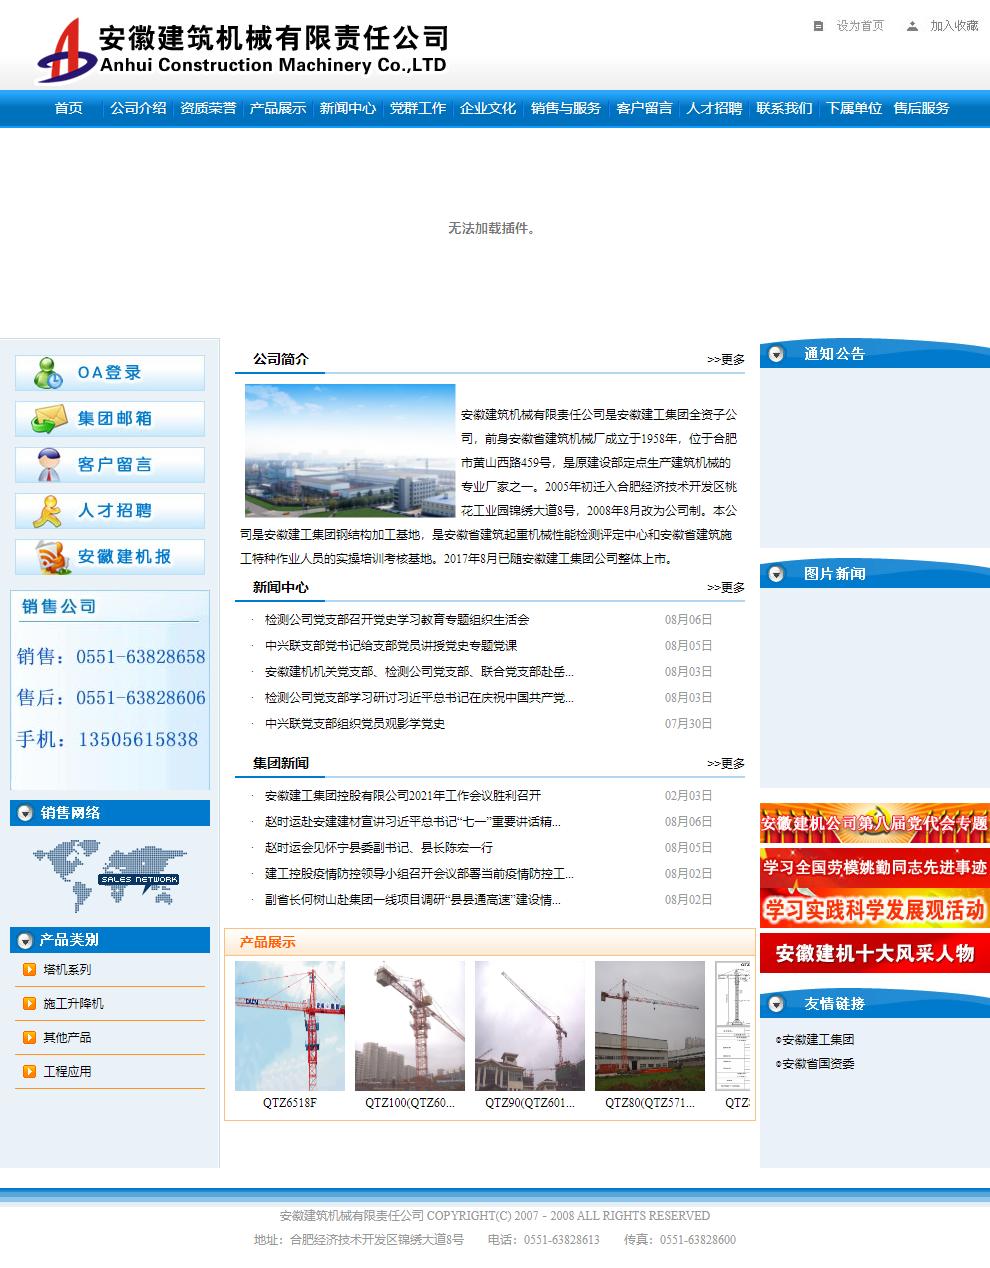 安徽建筑机械有限责任公司网站案例